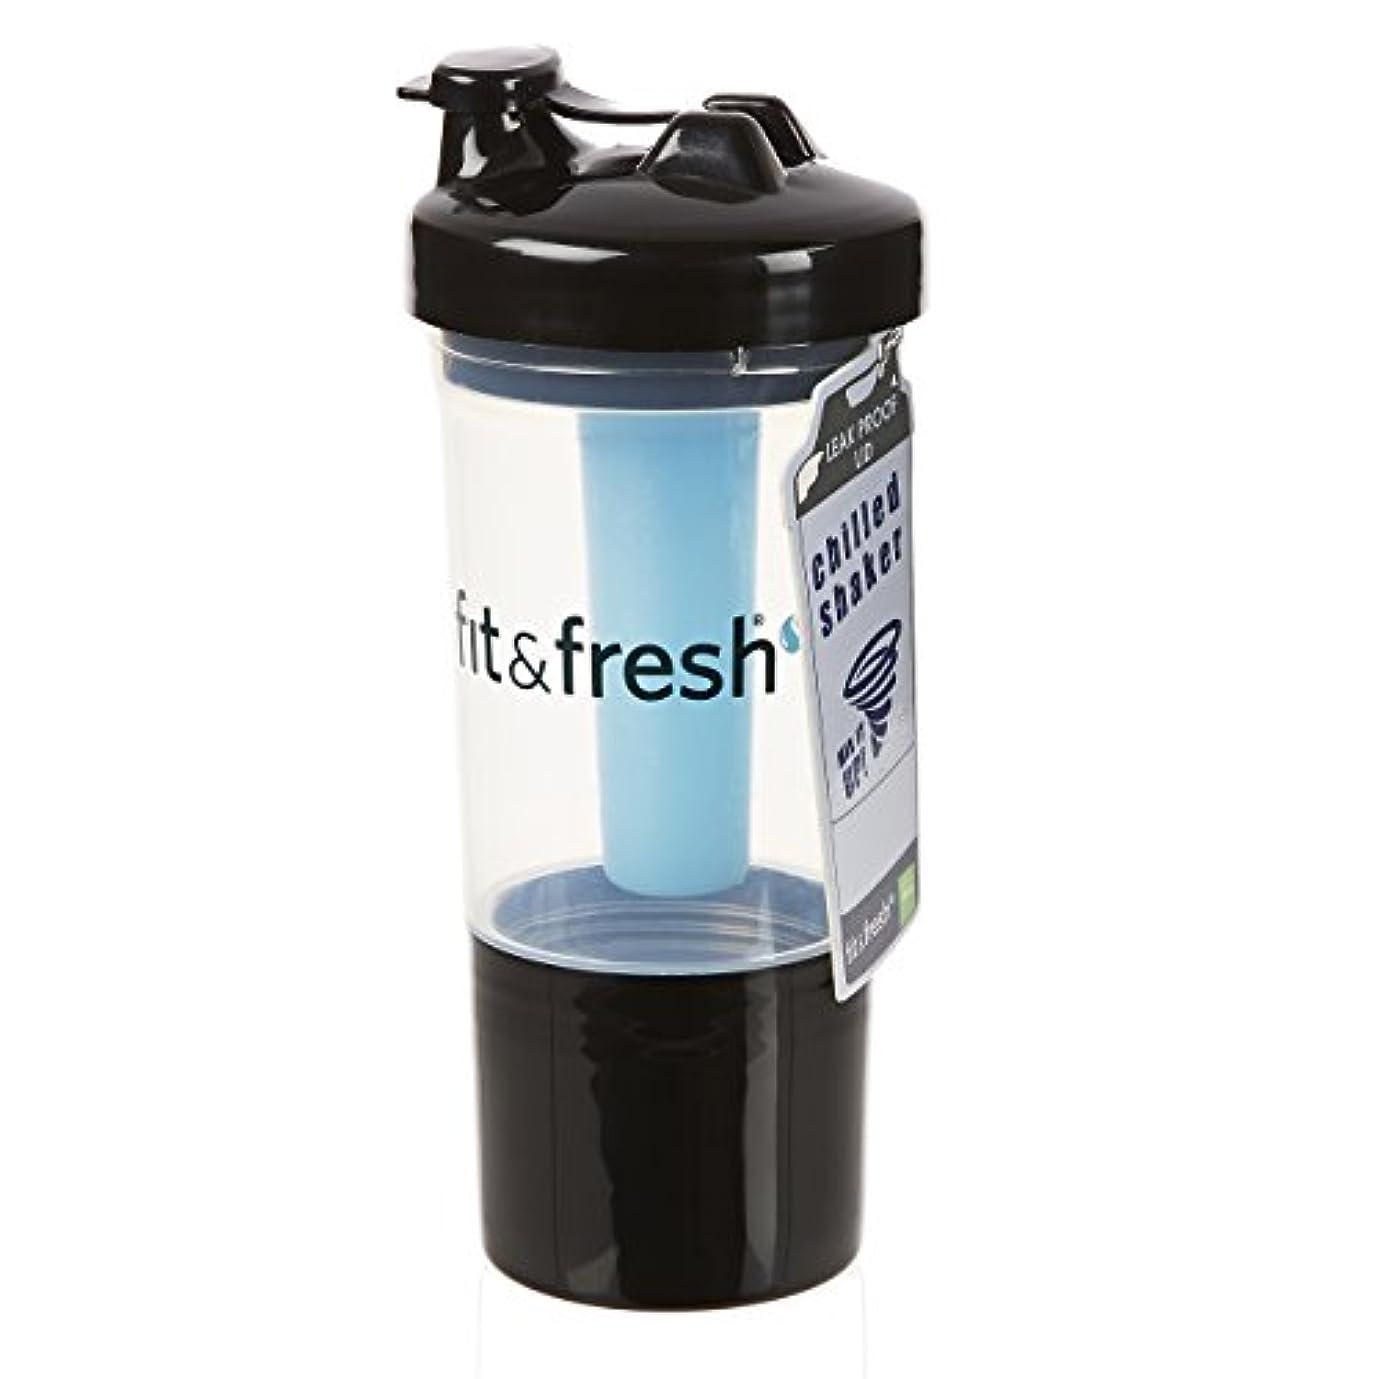 鼓舞する傷つける指紋Fit & Fresh, CleanTek, Shaker Cup with Ice Wand Agitator & Storage Cup, 1 Cup